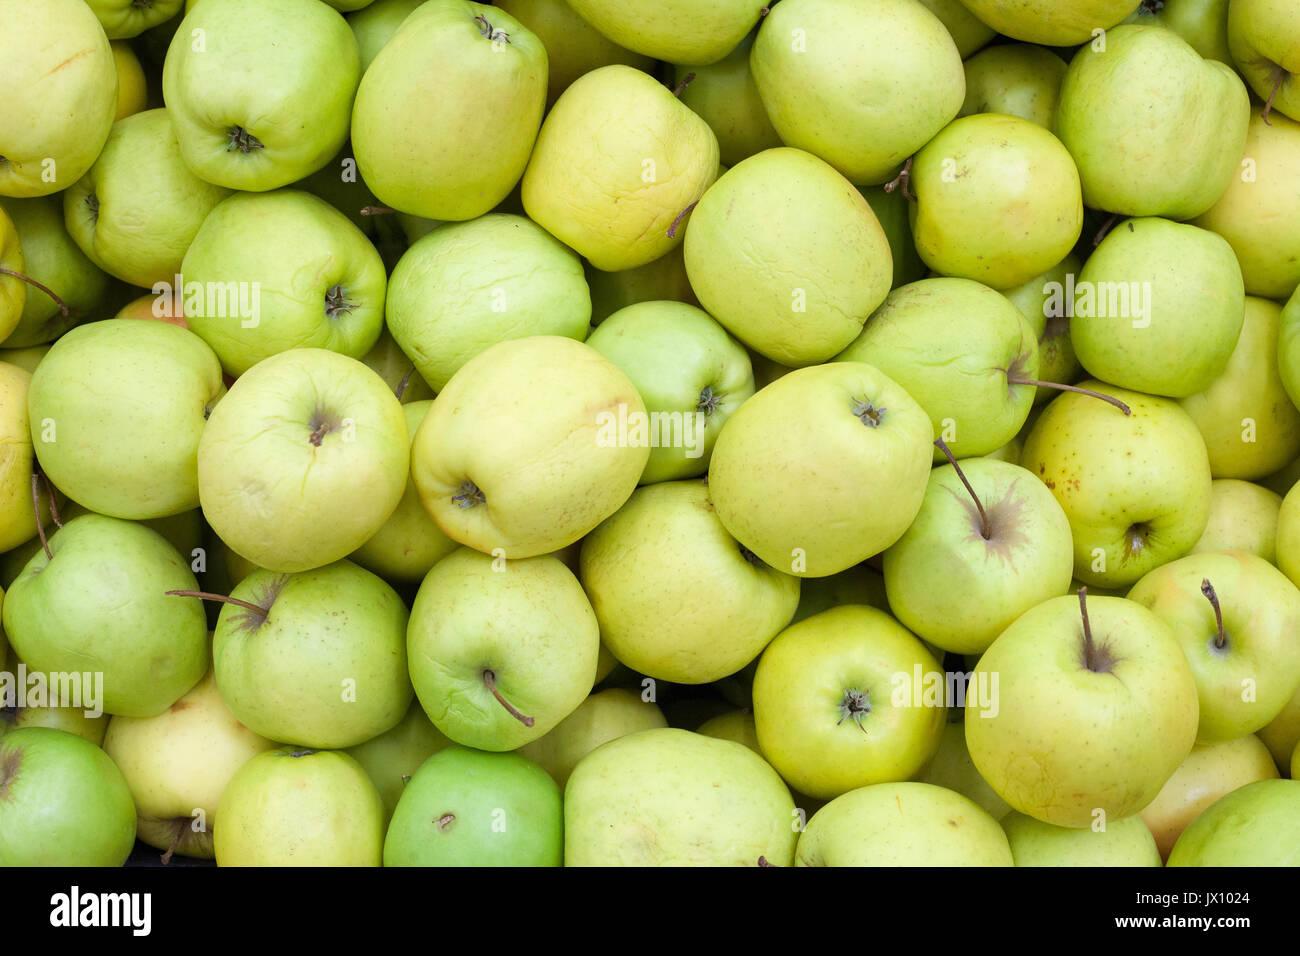 Äpfel Hintergrund Green Apple von rohem Obst und Gemüse Hintergründe overhead Perspektive Stockbild